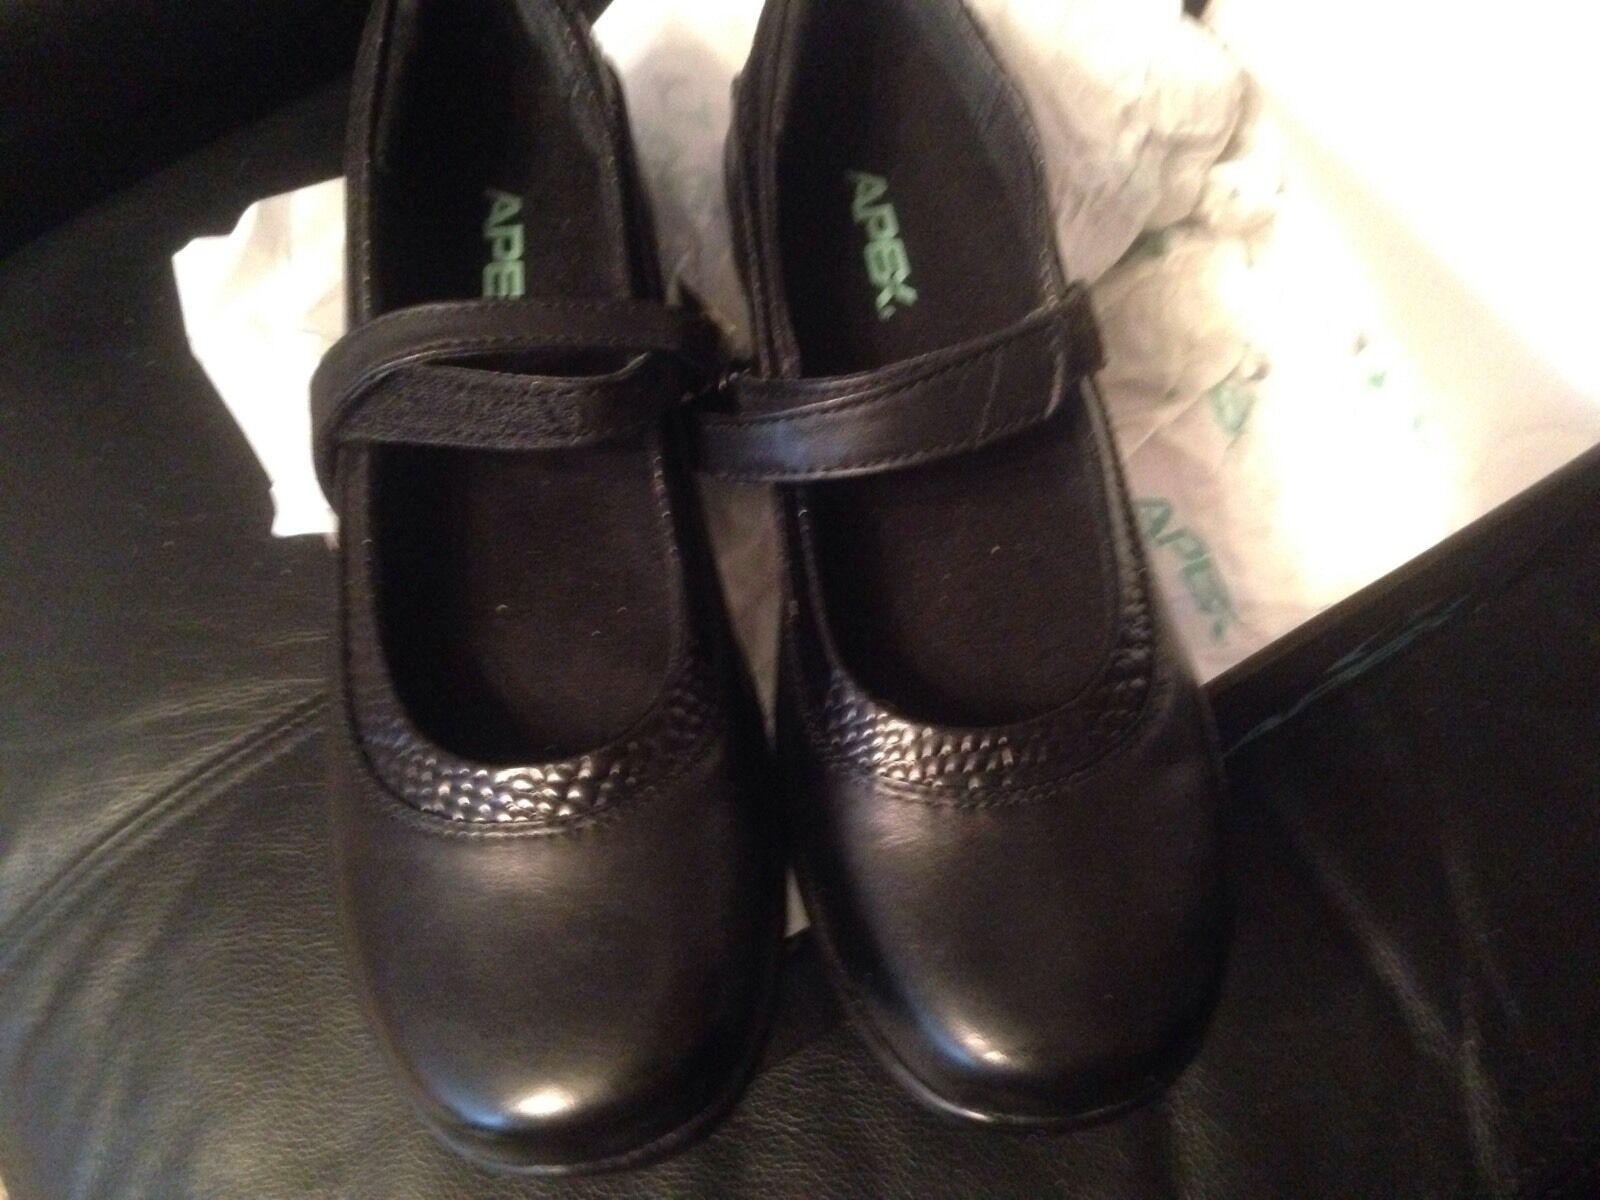 Nuevo Apex Julia para Mujer Negro zapatos estilo Mary Jane, 7.5 N, M